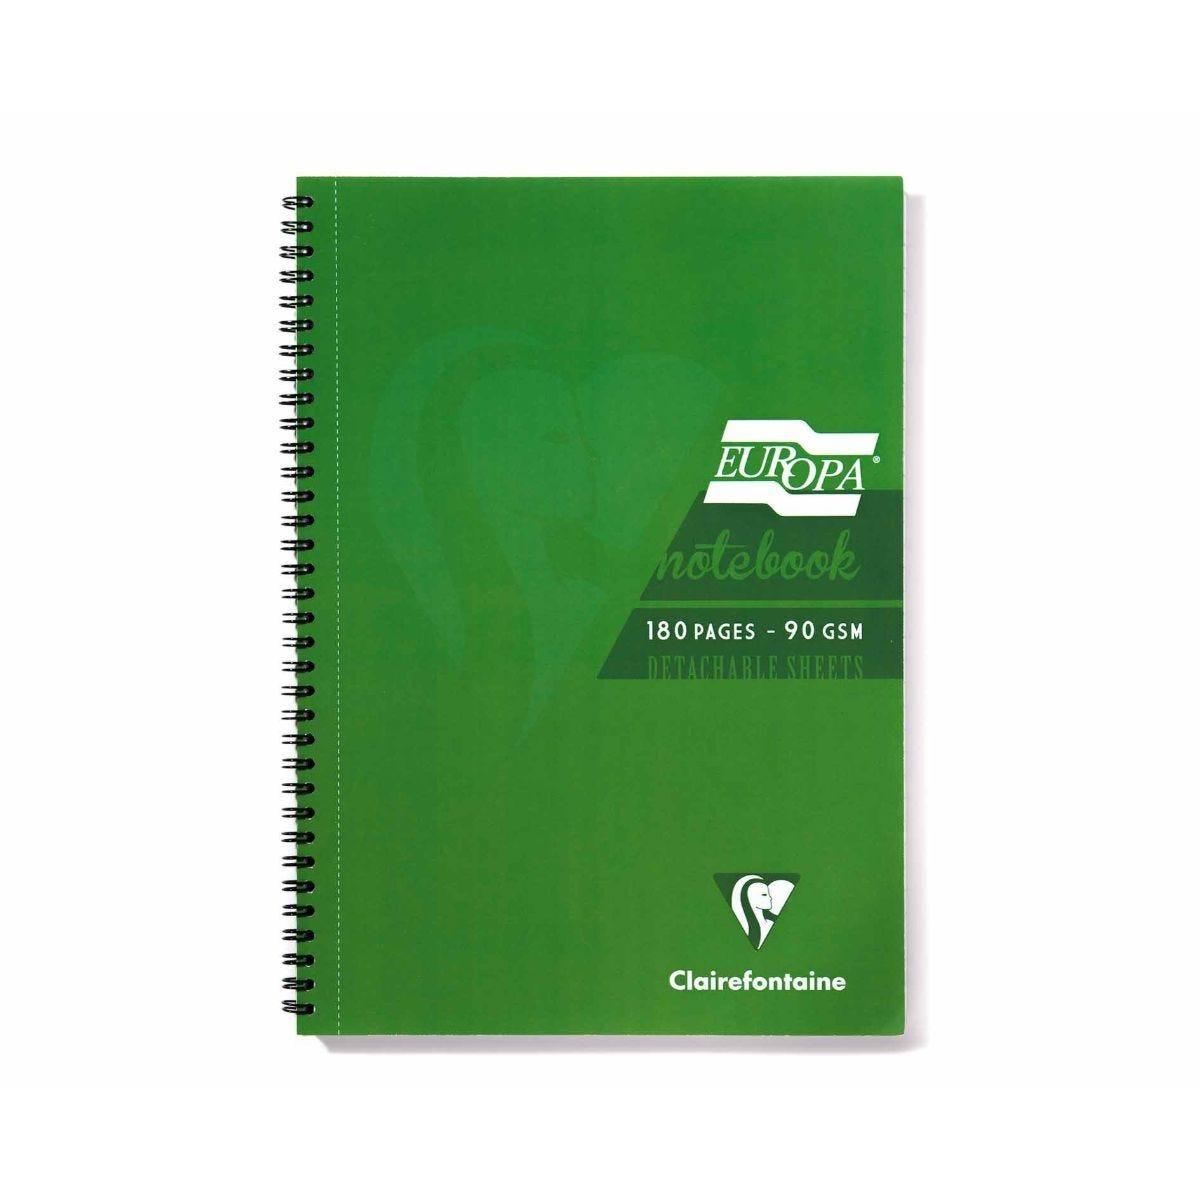 Europa Notebook A4 Green